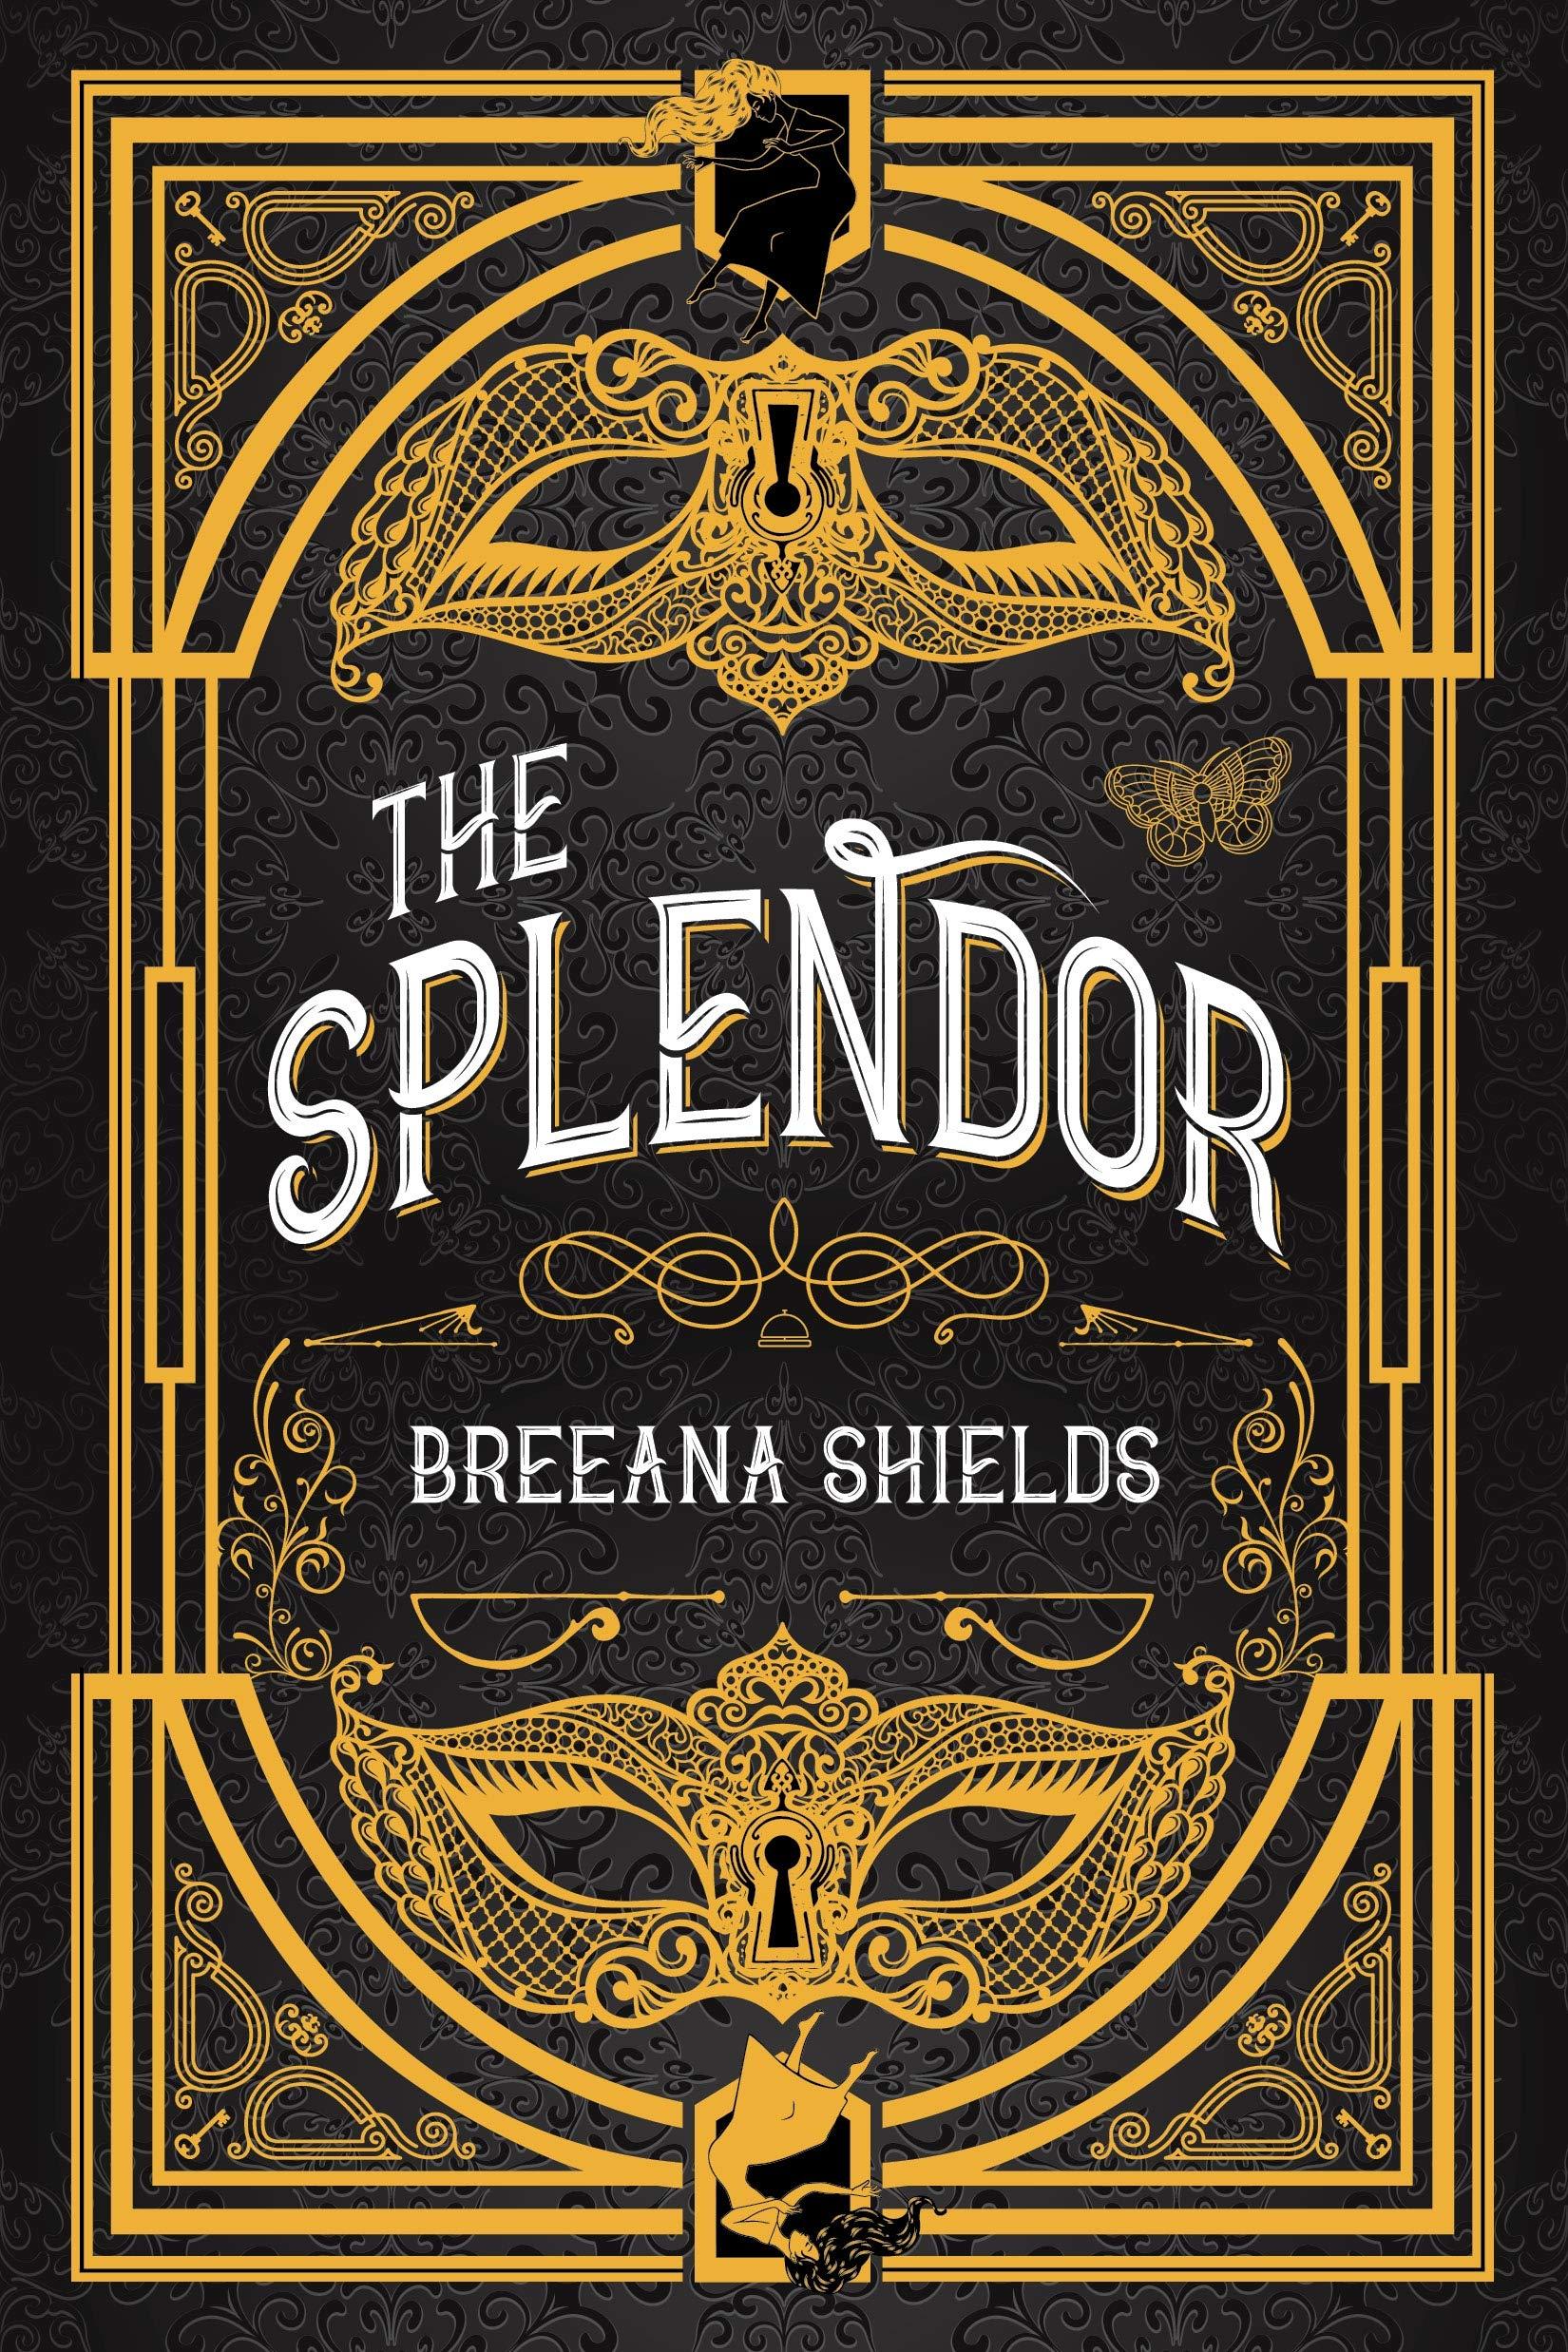 The Splendor